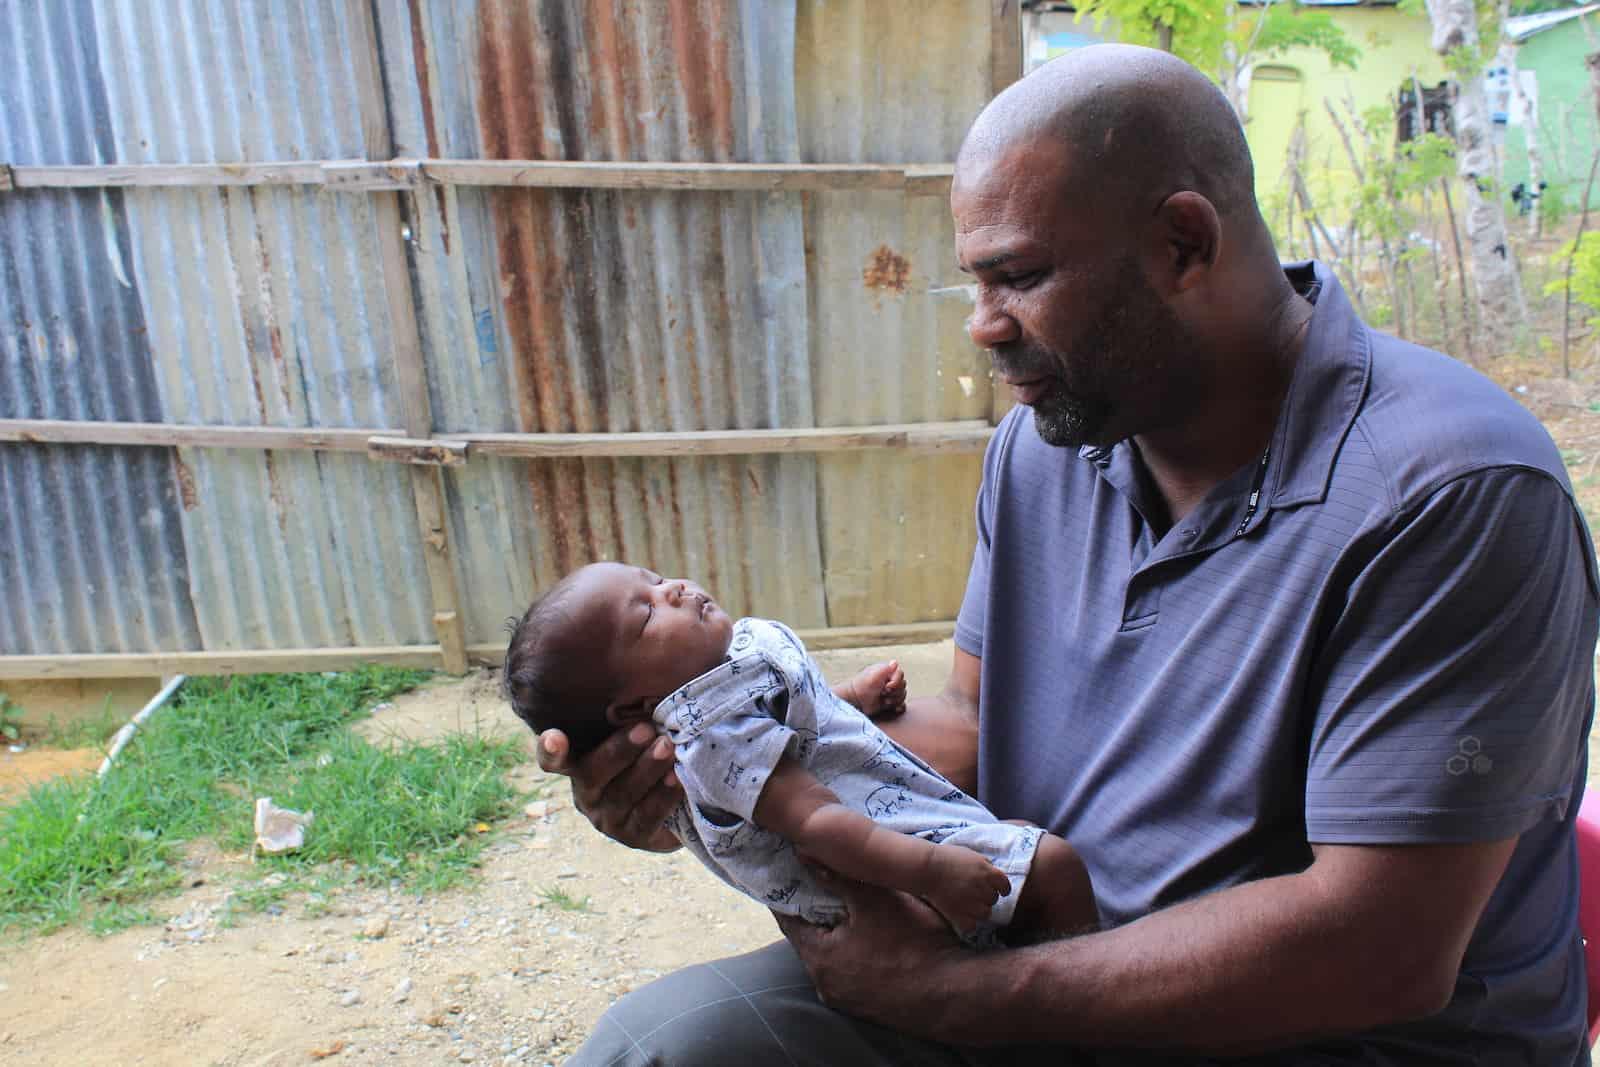 A man holds a newborn baby